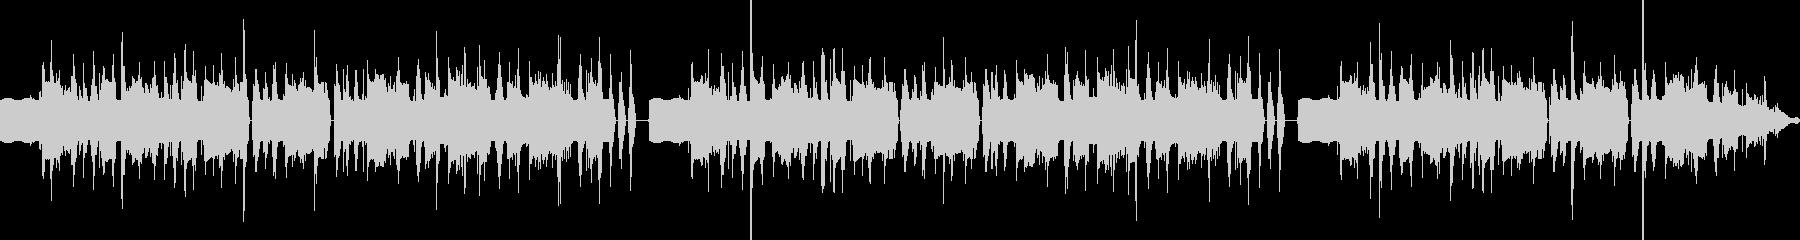 ヘンテコな雰囲気のBGMの未再生の波形